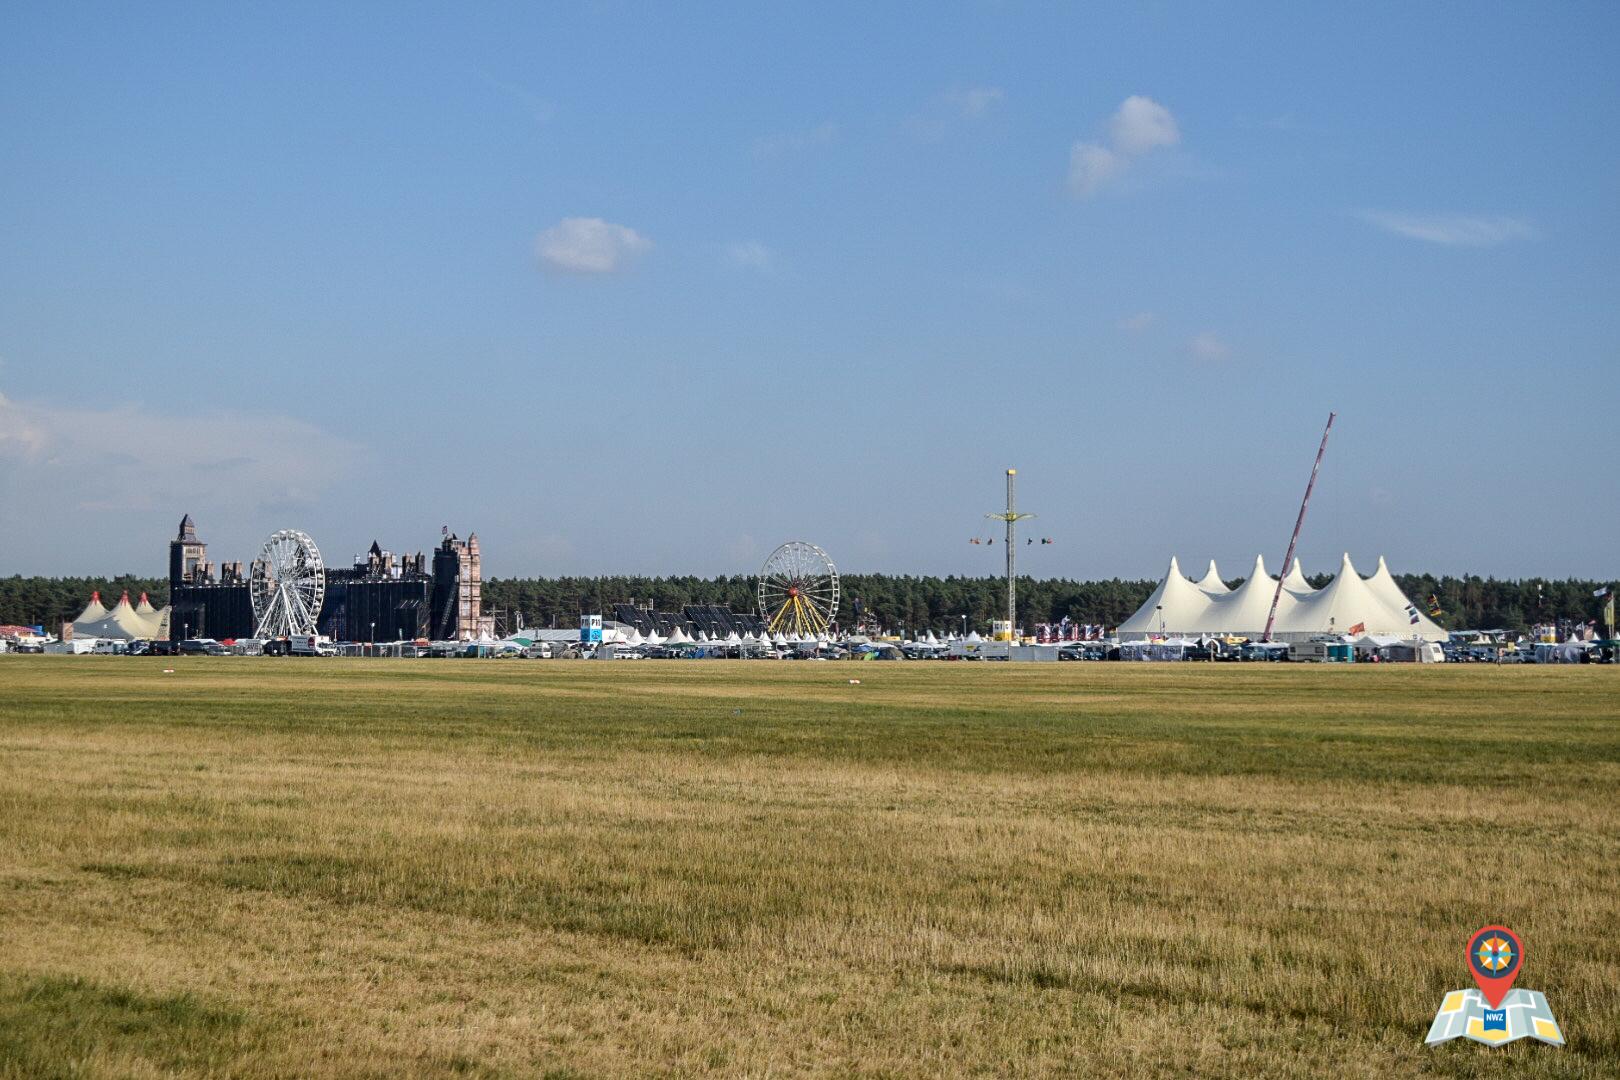 Ein Überblick über das Gelände des Airbeat One 2018 (Bild: Chelsy Haß)